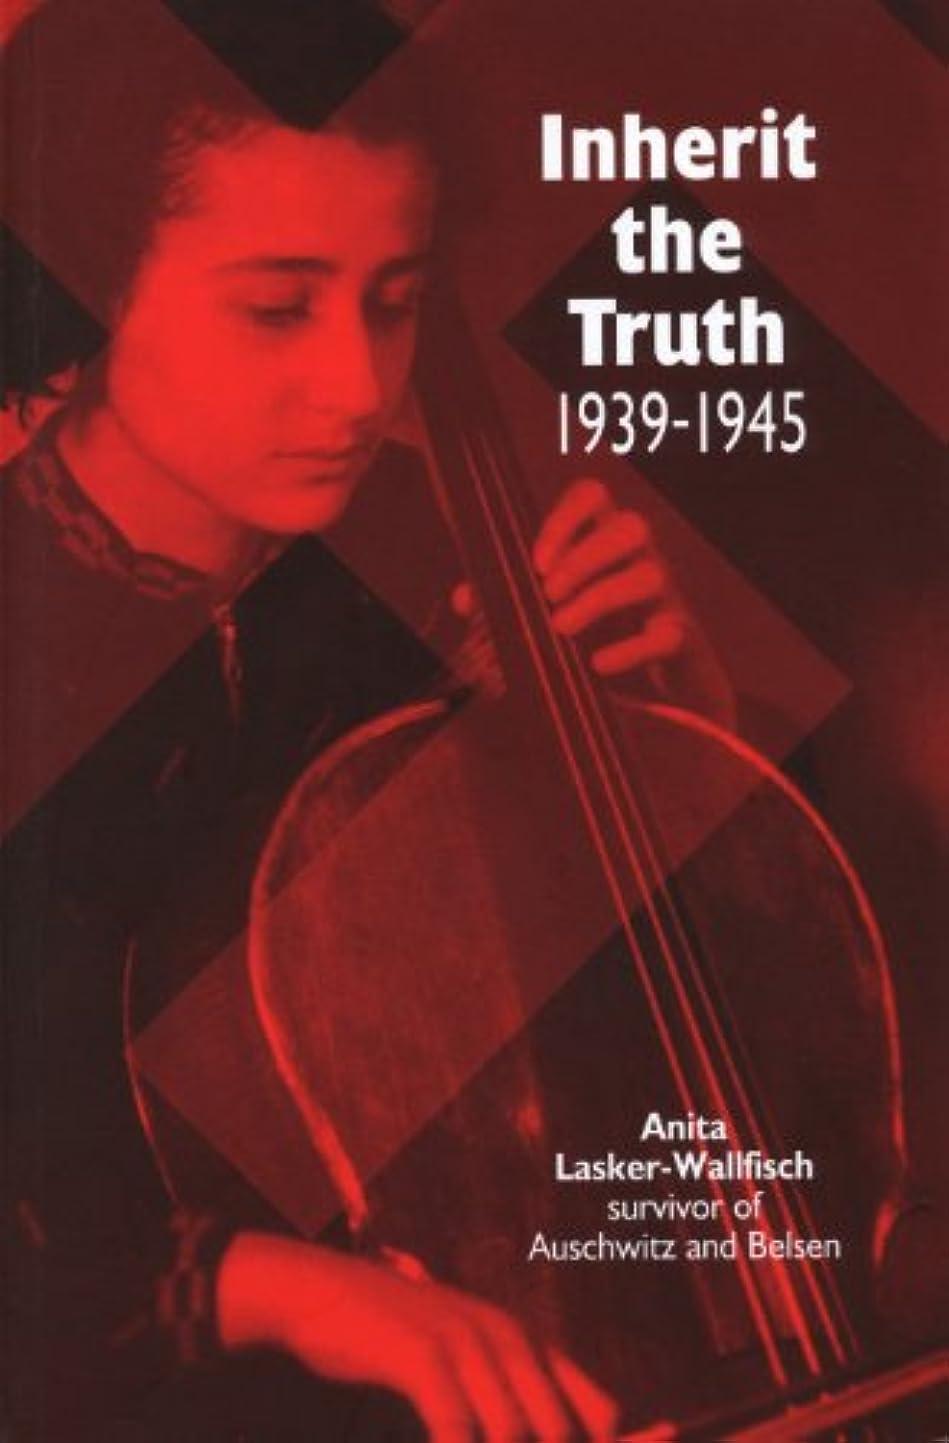 進化する祝福祝福Inherit the Truth 1939-1945: The Documented Experiences of a Survivor of Auschwitz and Belsen (English Edition)